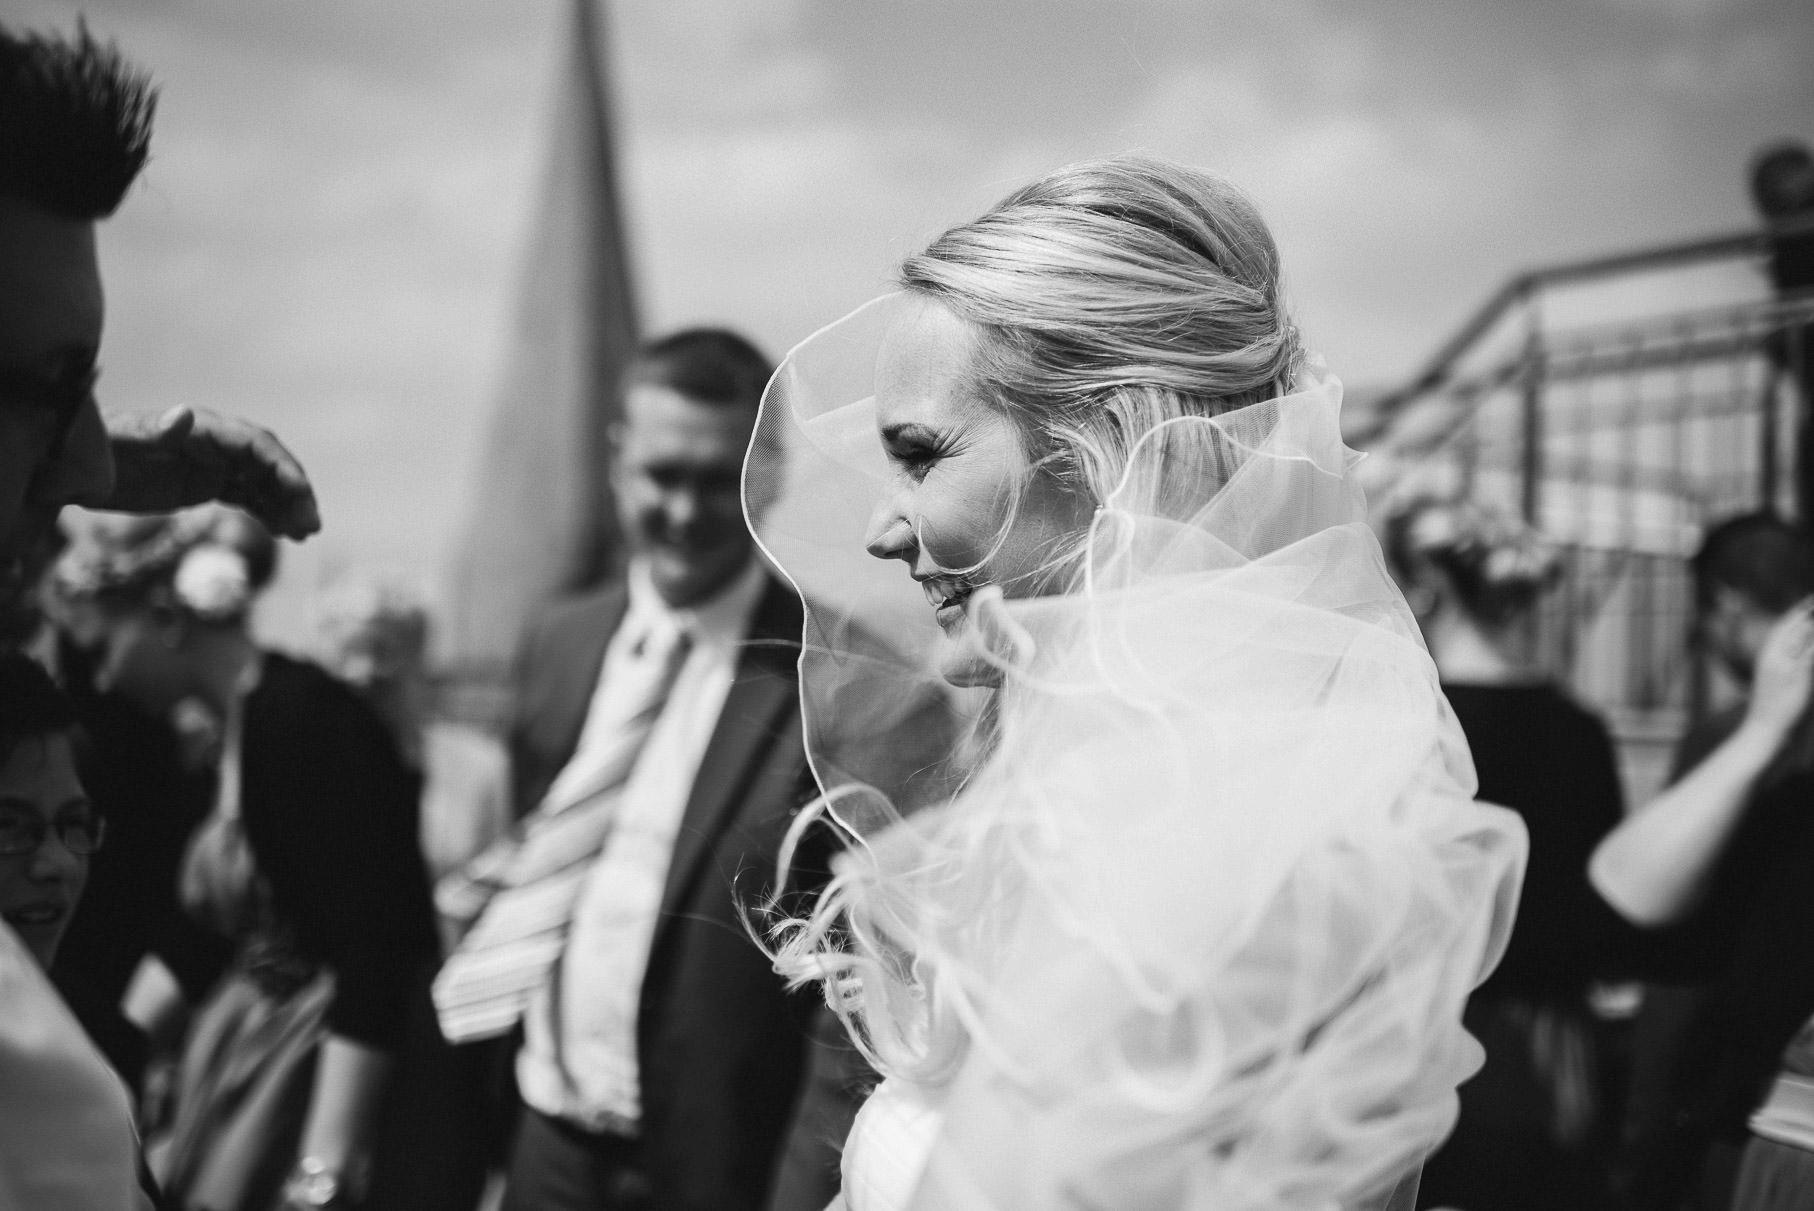 0038 jus 812 9065 - Hochzeit im Wasserturm Lüneburg - Jenny & Sascha